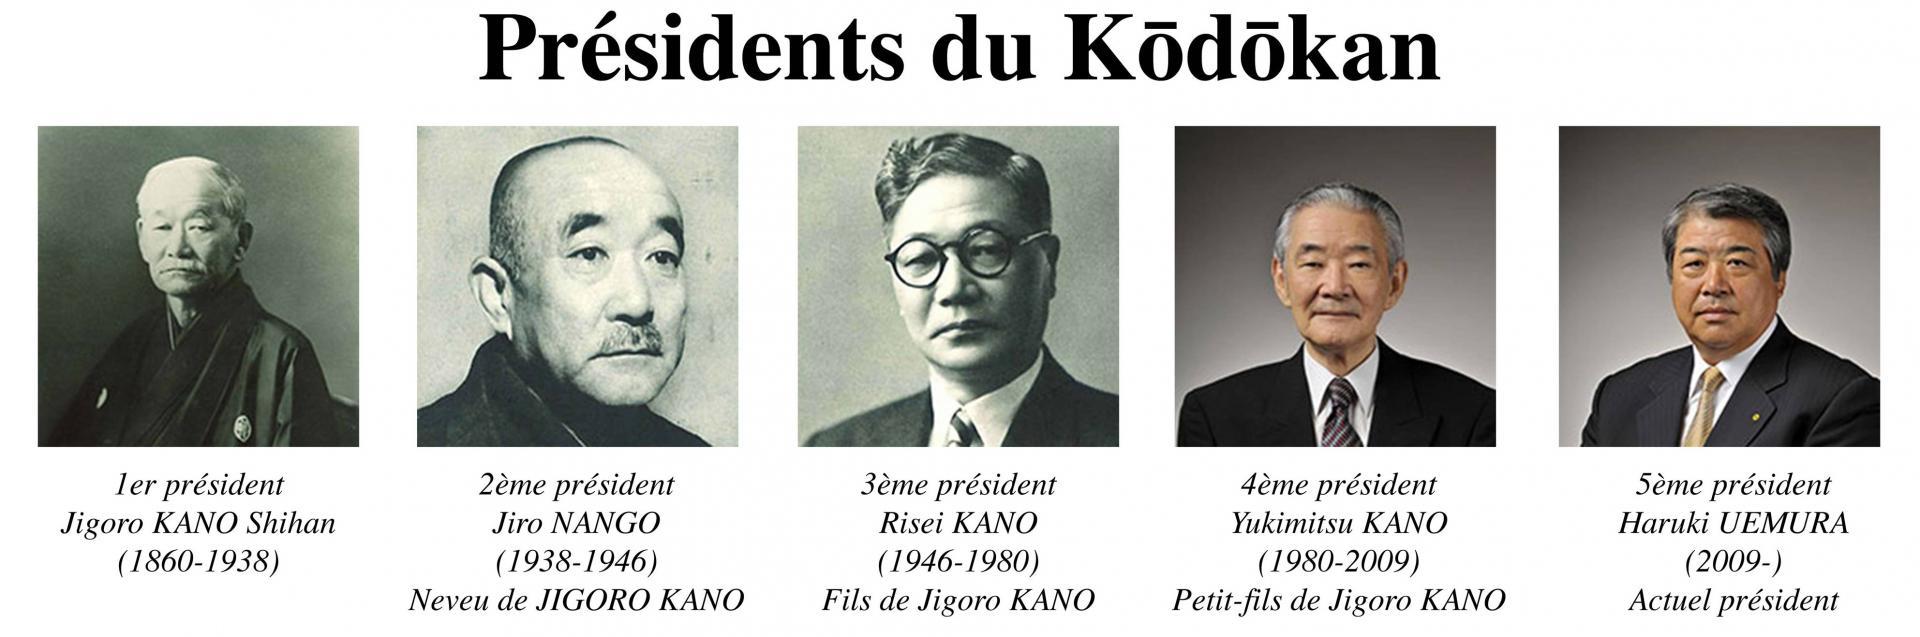 President du kodokan web